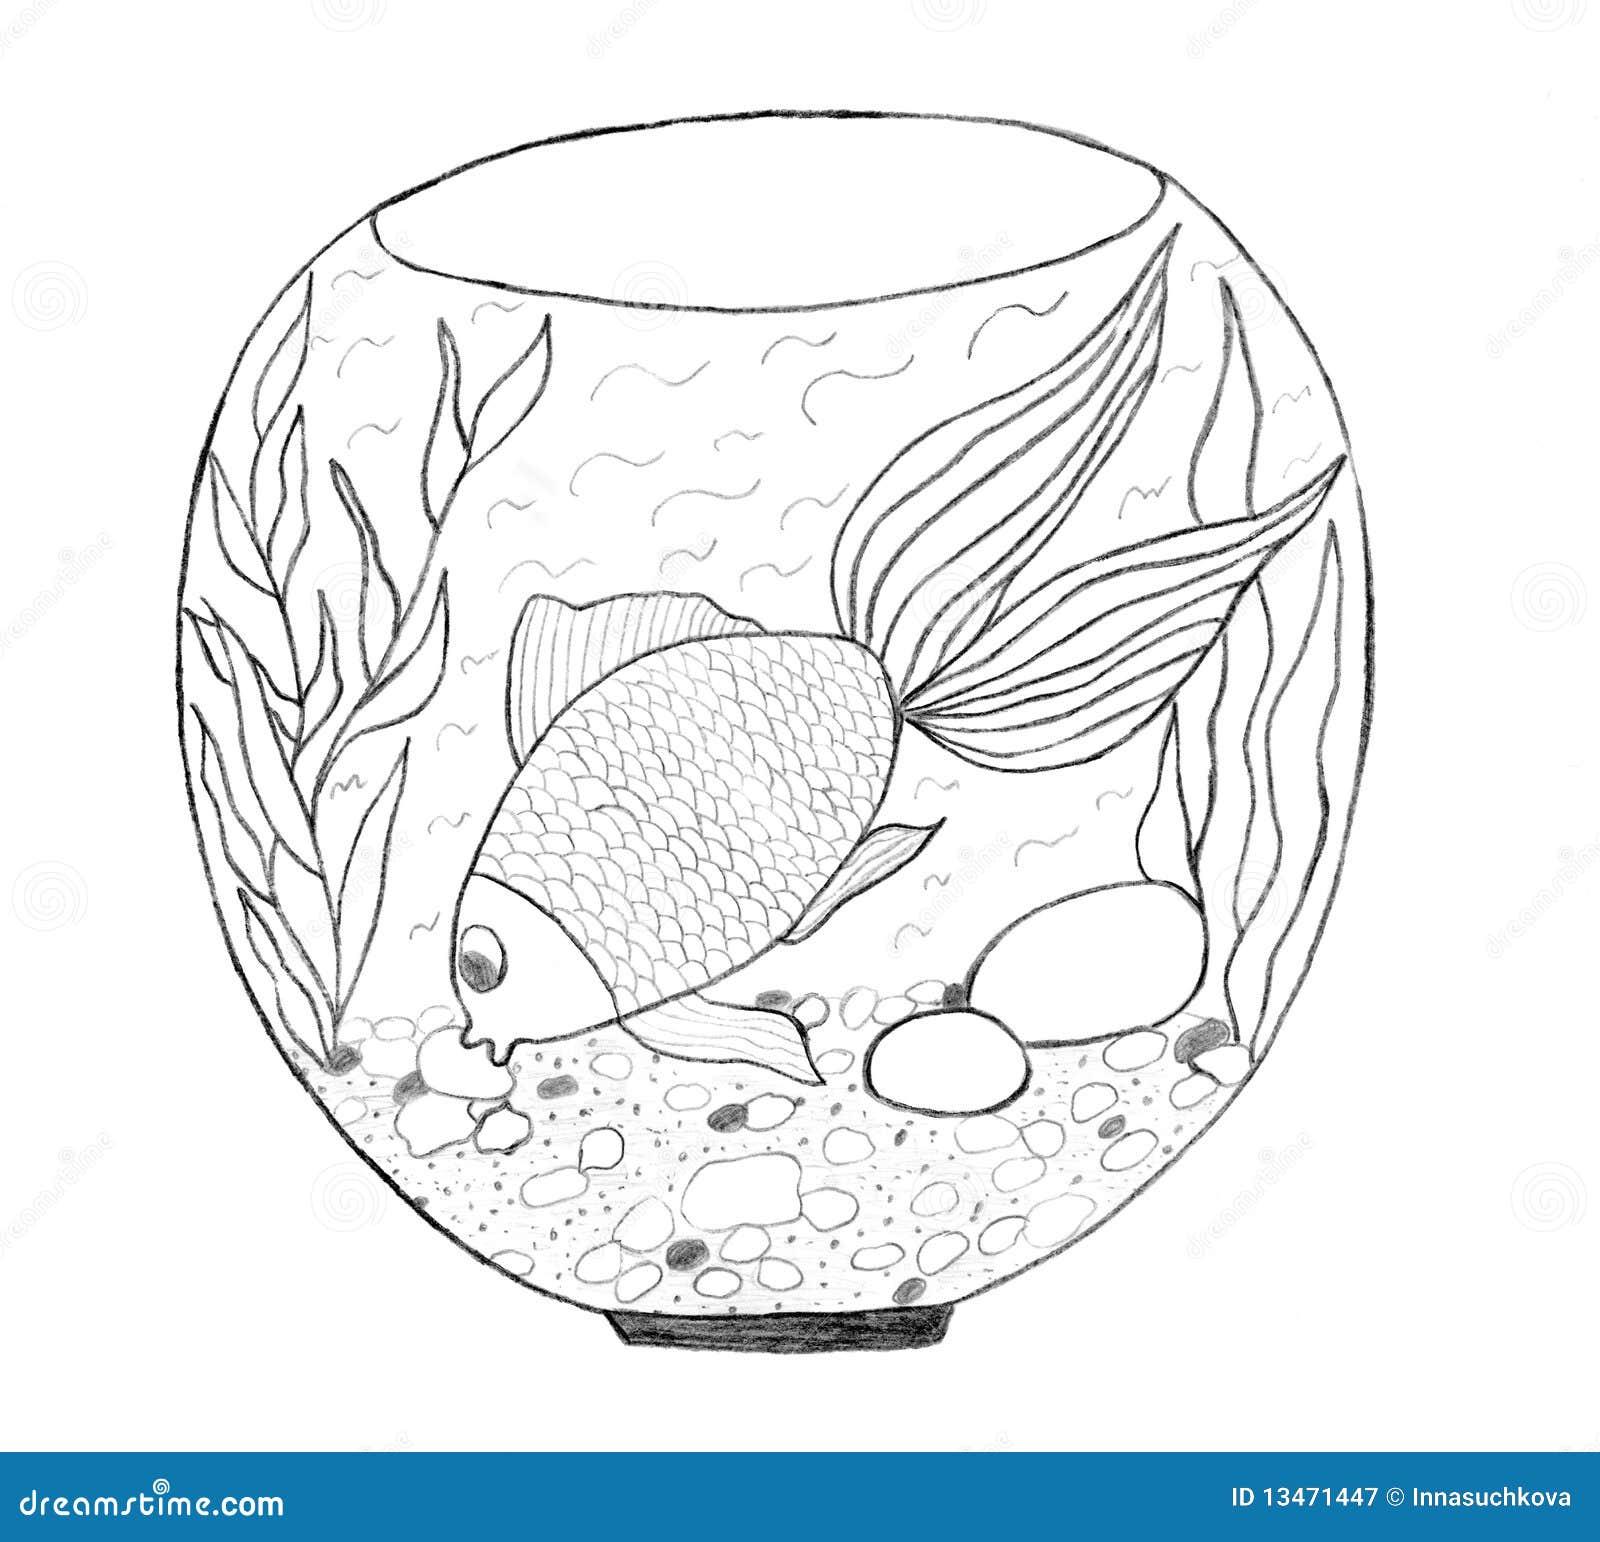 Aquarium sketch stock illustration illustration of aquarium 13471447